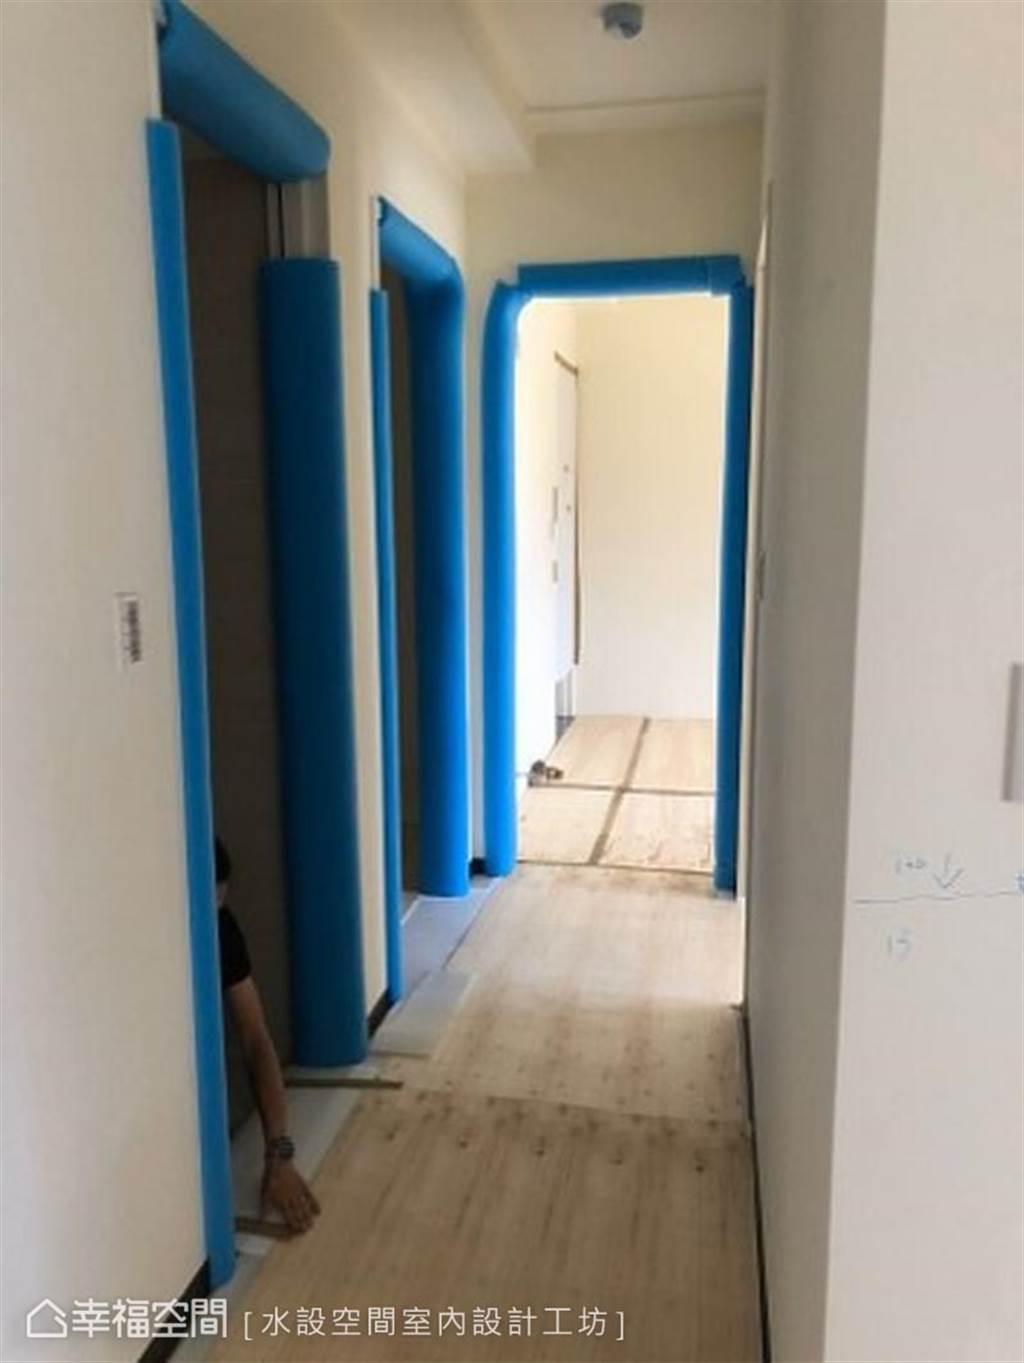 以藍色泡棉完全包覆門框(圖片提供/水設空間室內設計工坊)